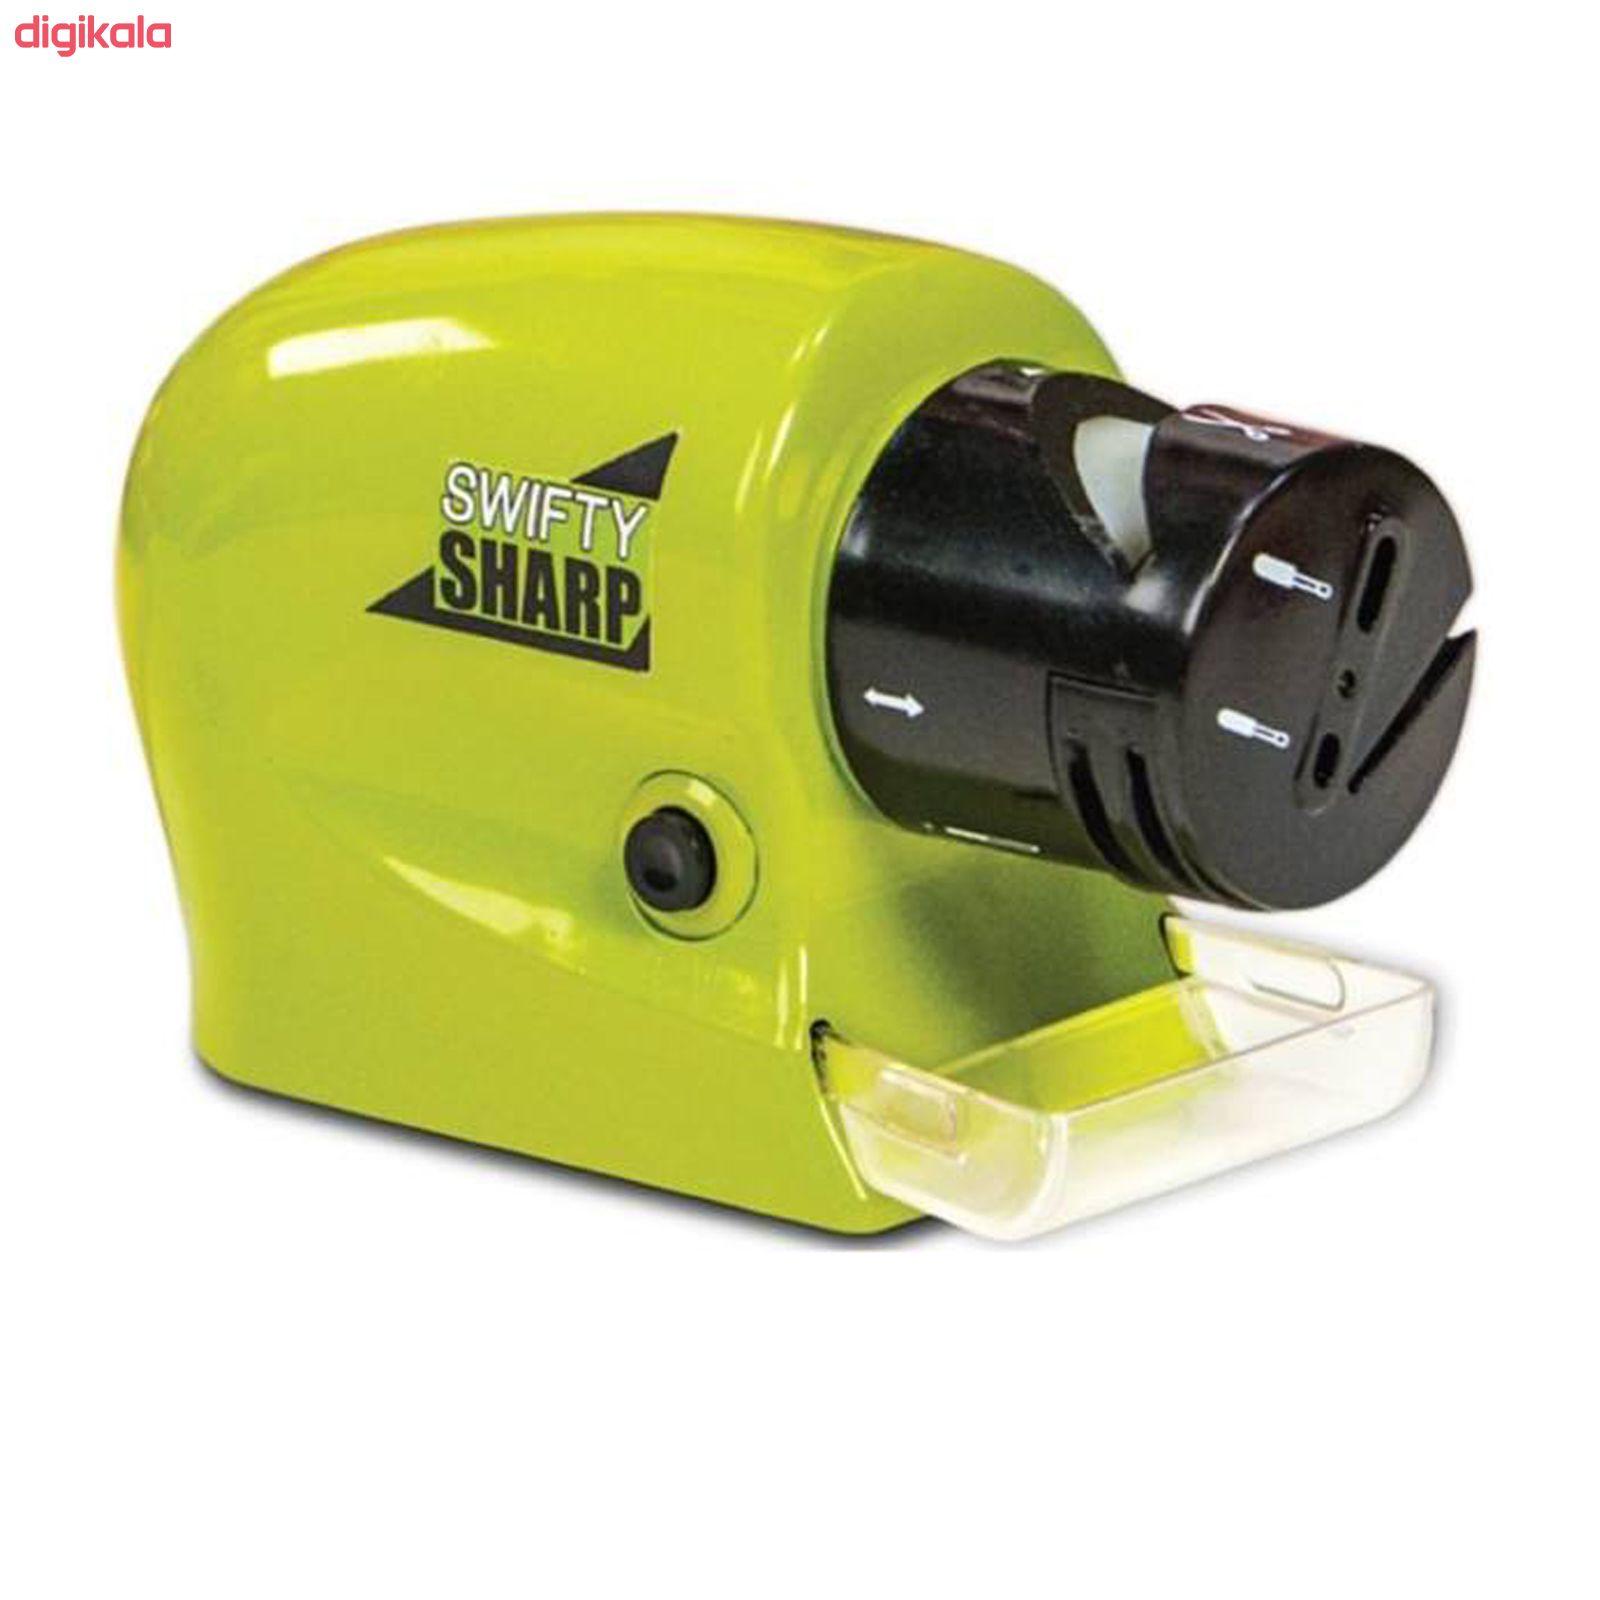 چاقو تیز کن مدل SHARP SWIFTY کد 34019 main 1 1